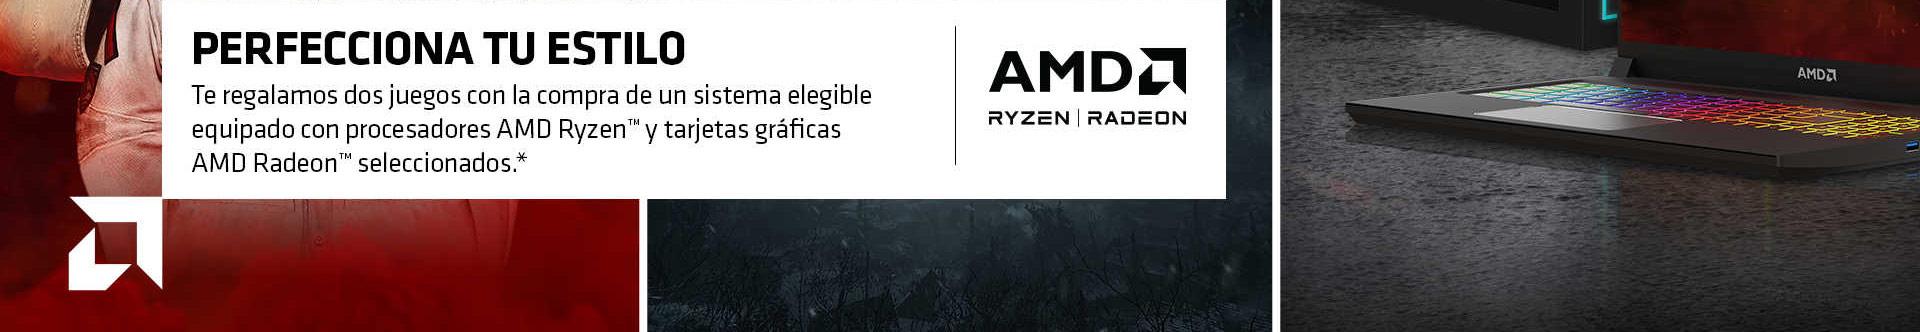 PERFECCIONA TU ESTILO. Te regalamos dos juegos con la compra de un sistema elegible equipado con procesadores AMD Ryzen™ y tarjetas gráficas AMD Radeon™ seleccionados.*